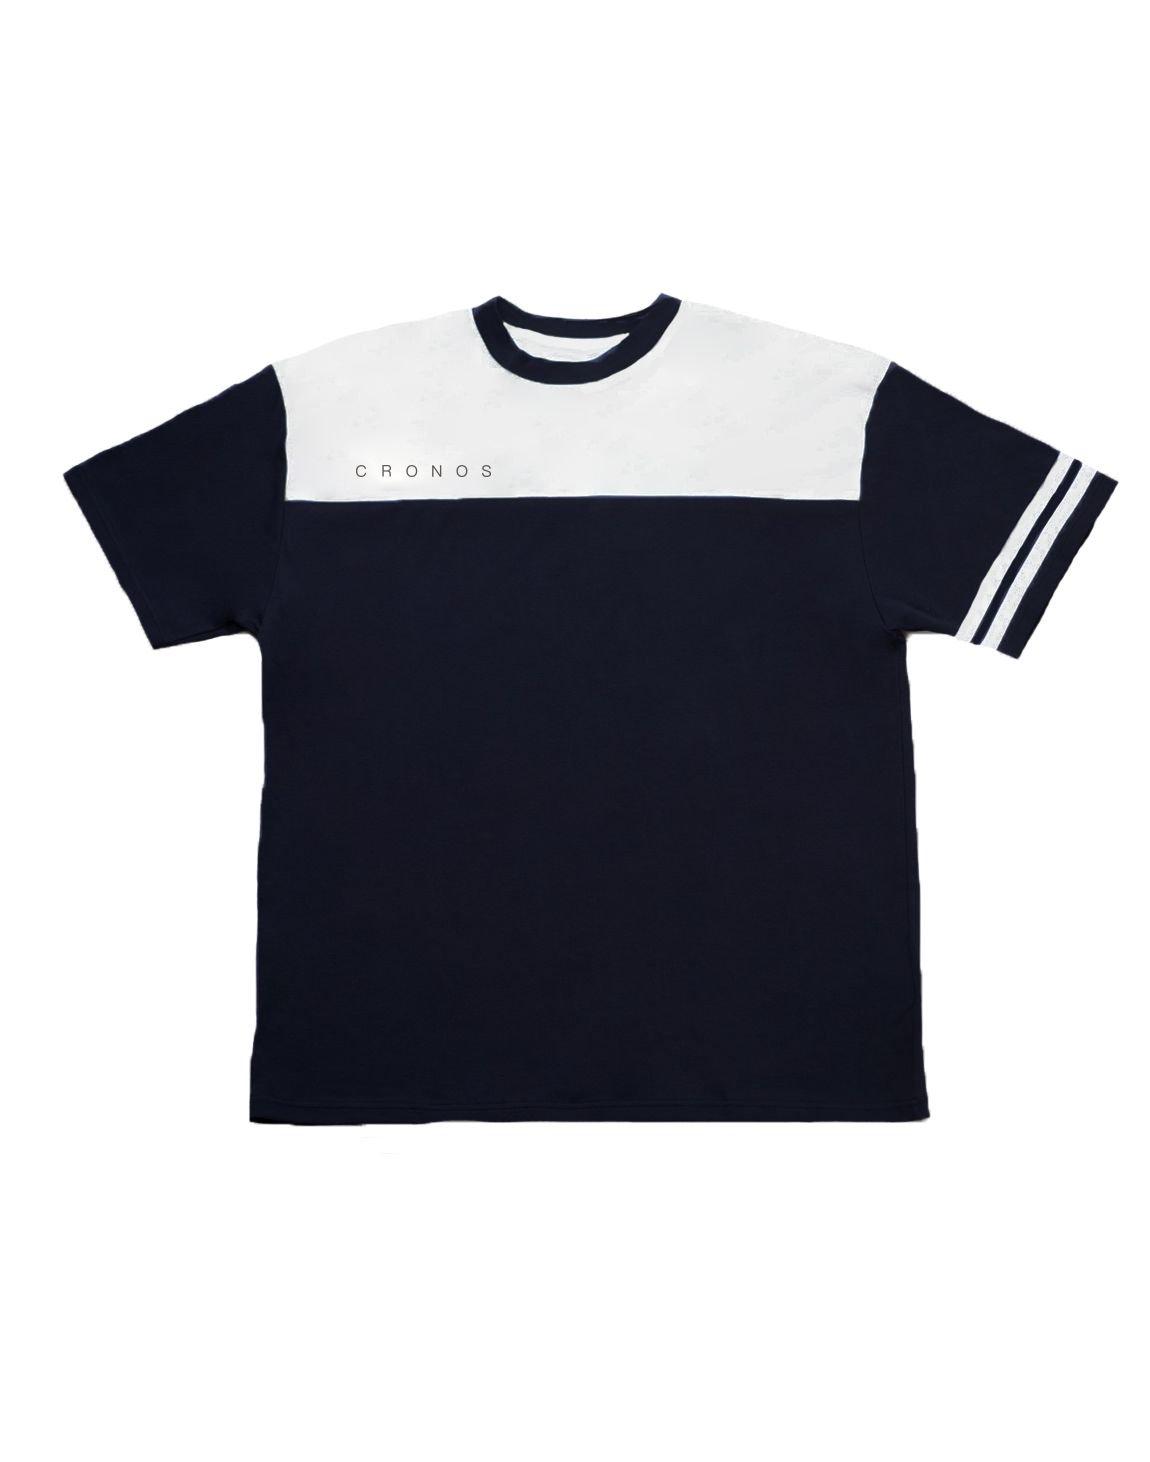 CRONOS Bi-COLOR SLEEVE LINE OVER SIZE T-SHIRTS【BLACK】